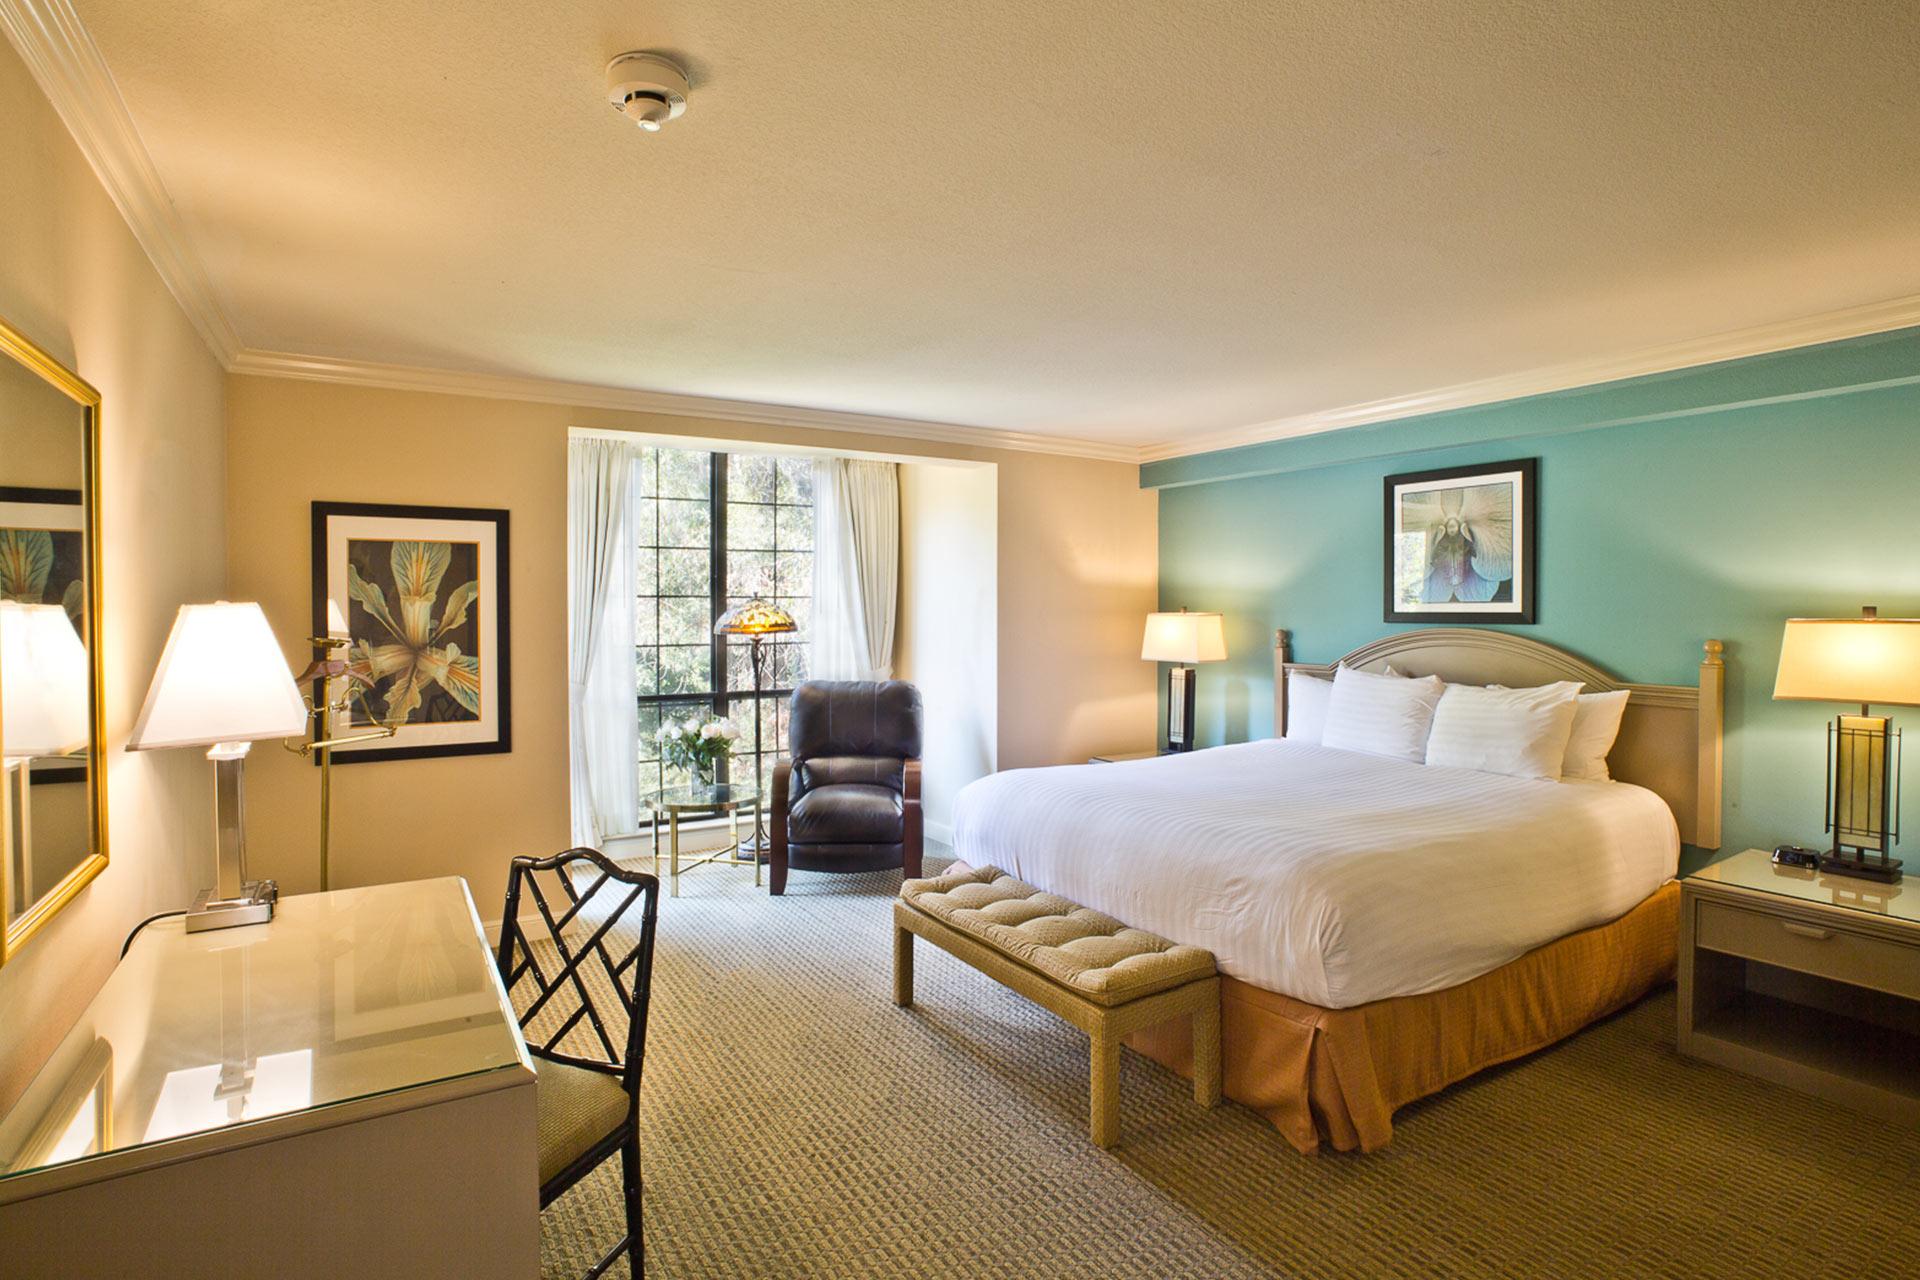 بالصور احدث موديلات غرف النوم , تشكيلة شيك جدا من غرف النوم 3472